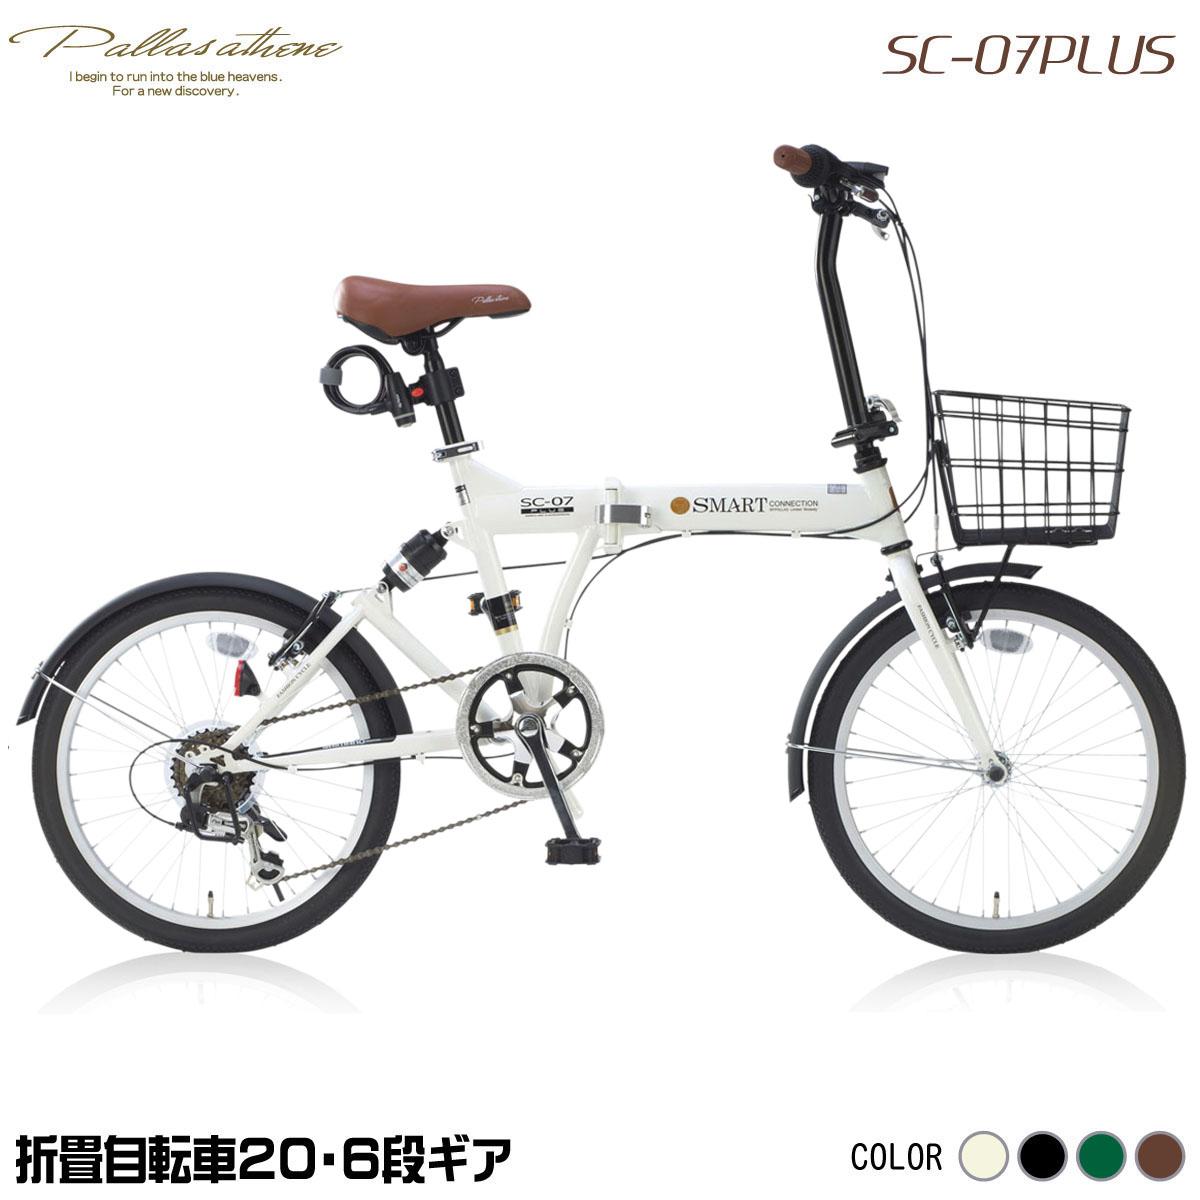 【送料無料】マイパラス SC-07PLUS-IV アイボリー [折りたたみ自転車(20インチ・6段変速)] 【同梱配送不可】【代引き・後払い決済不可】【本州以外の配送不可】